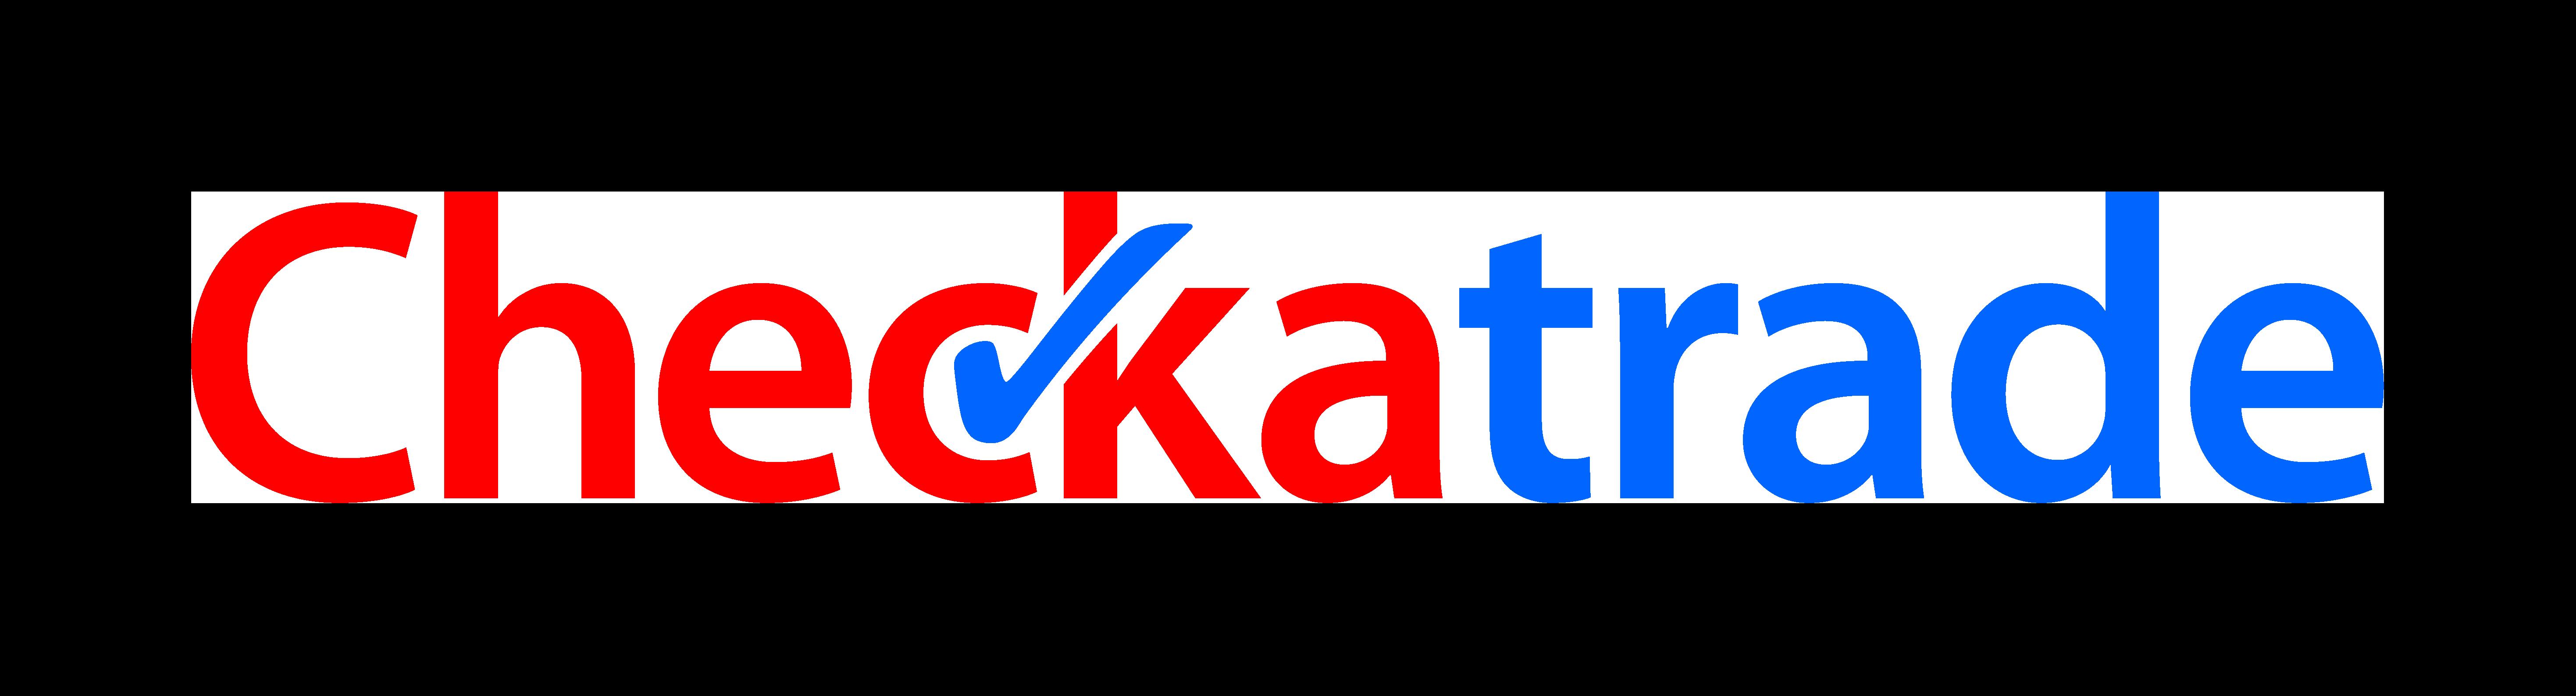 9.97 on Checkatrade